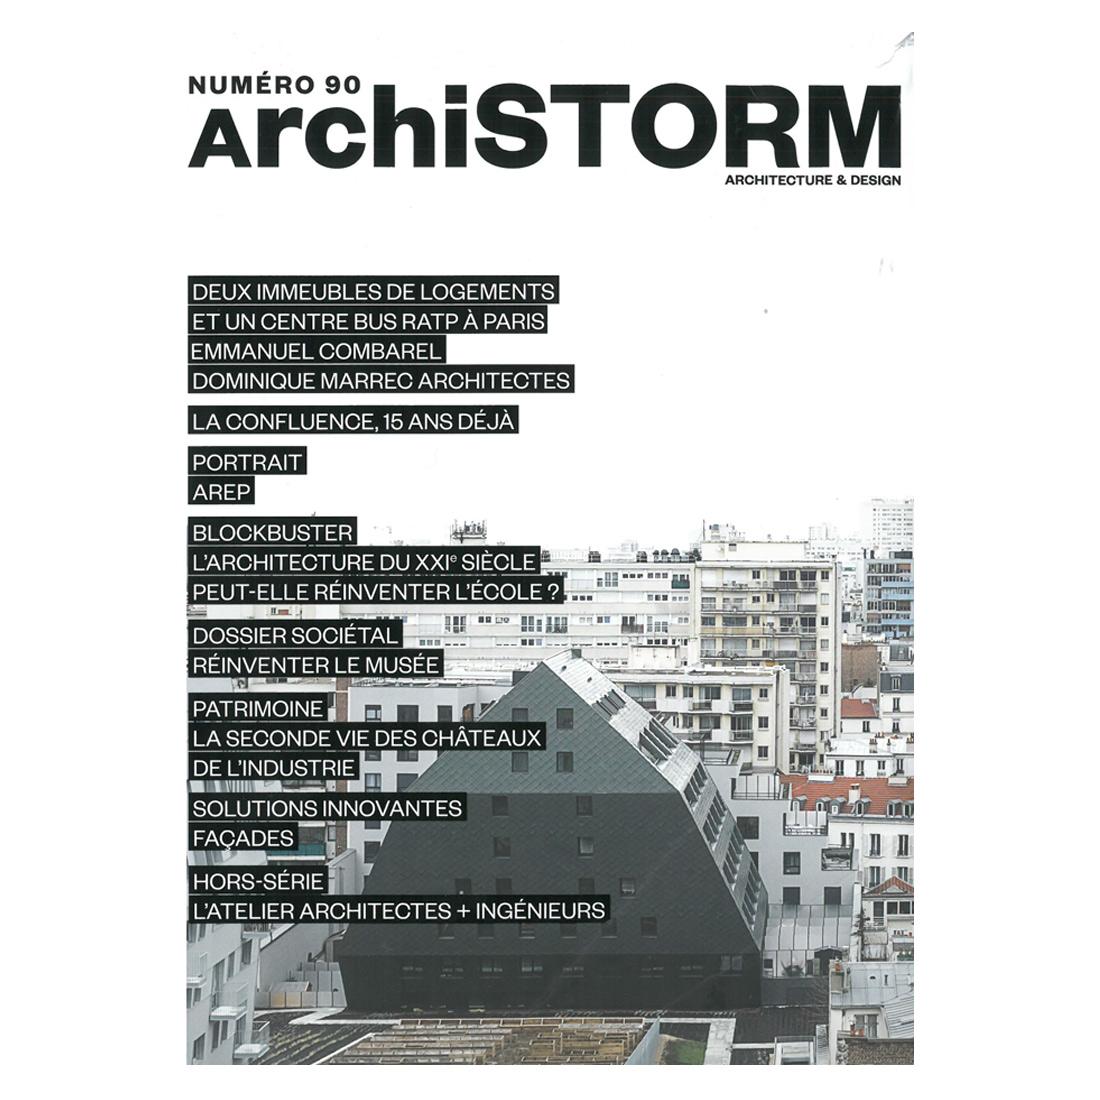 ArchiSTORM N°90 | Brenac & Gonzalez et Associés